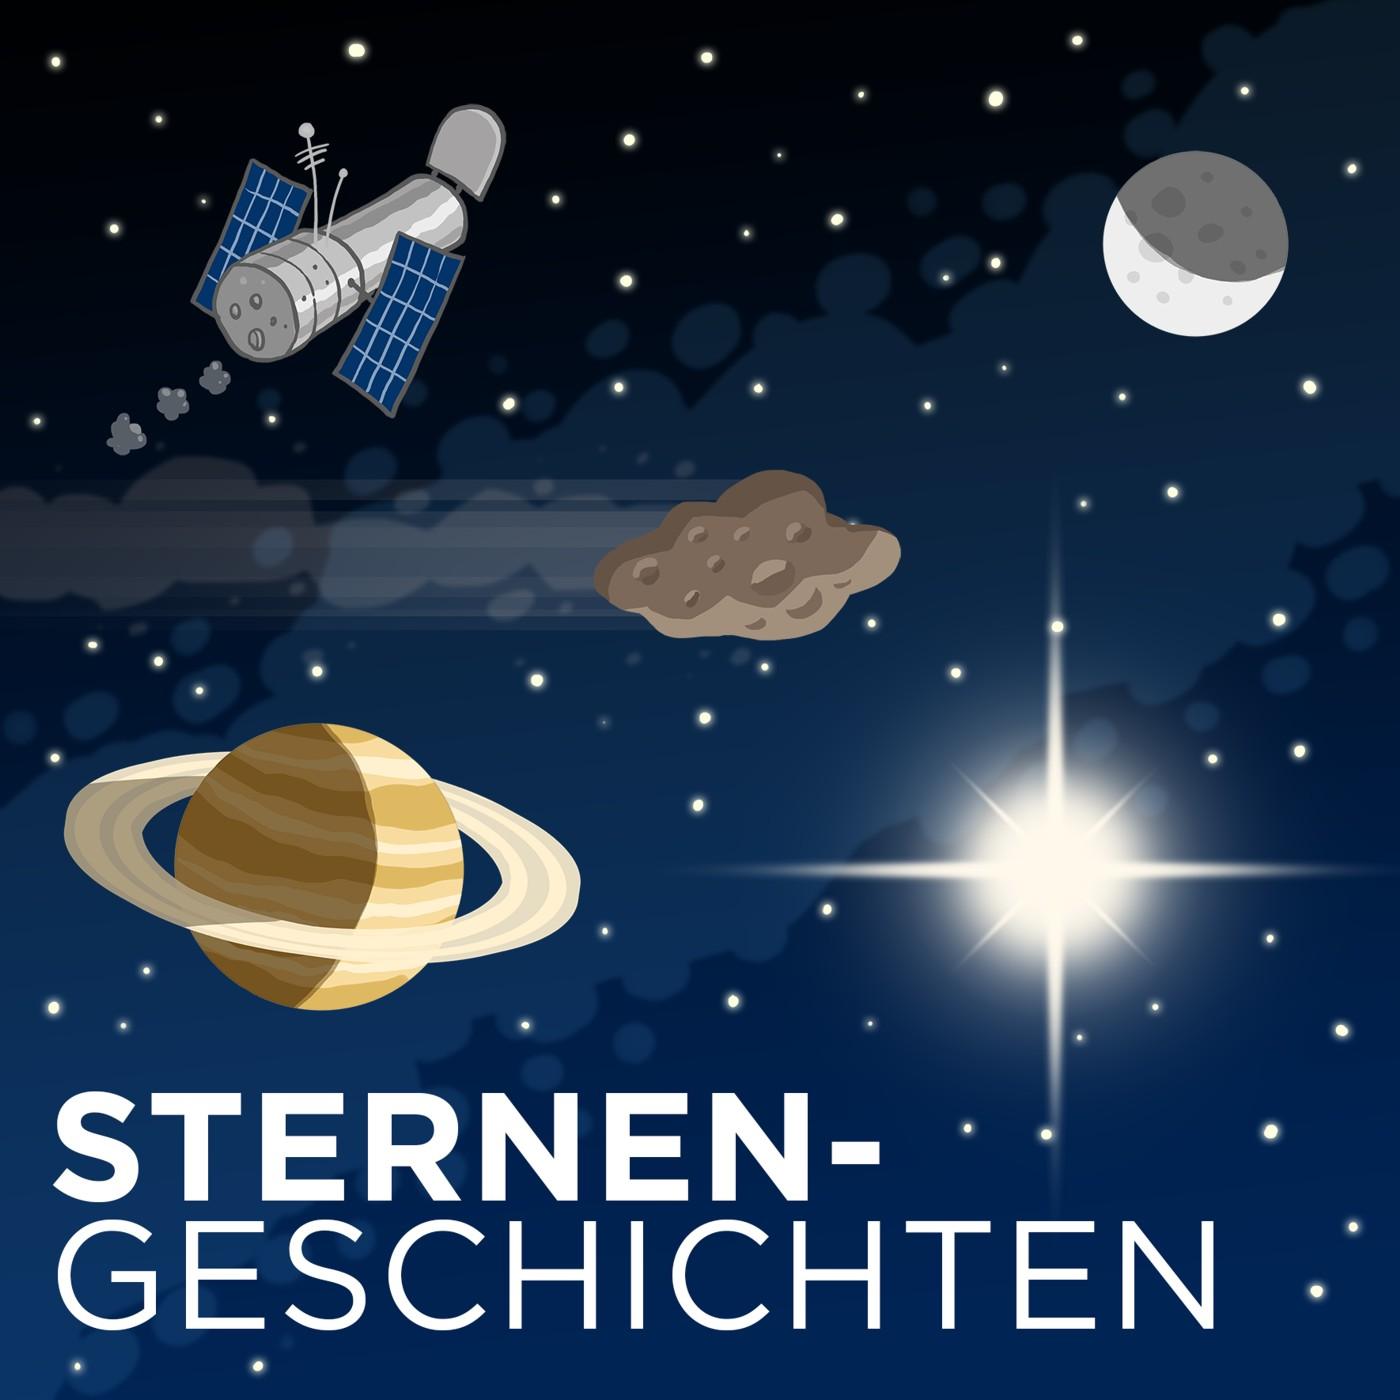 Sternengeschichten Folge 393: Merkur, Planet und Götterbote